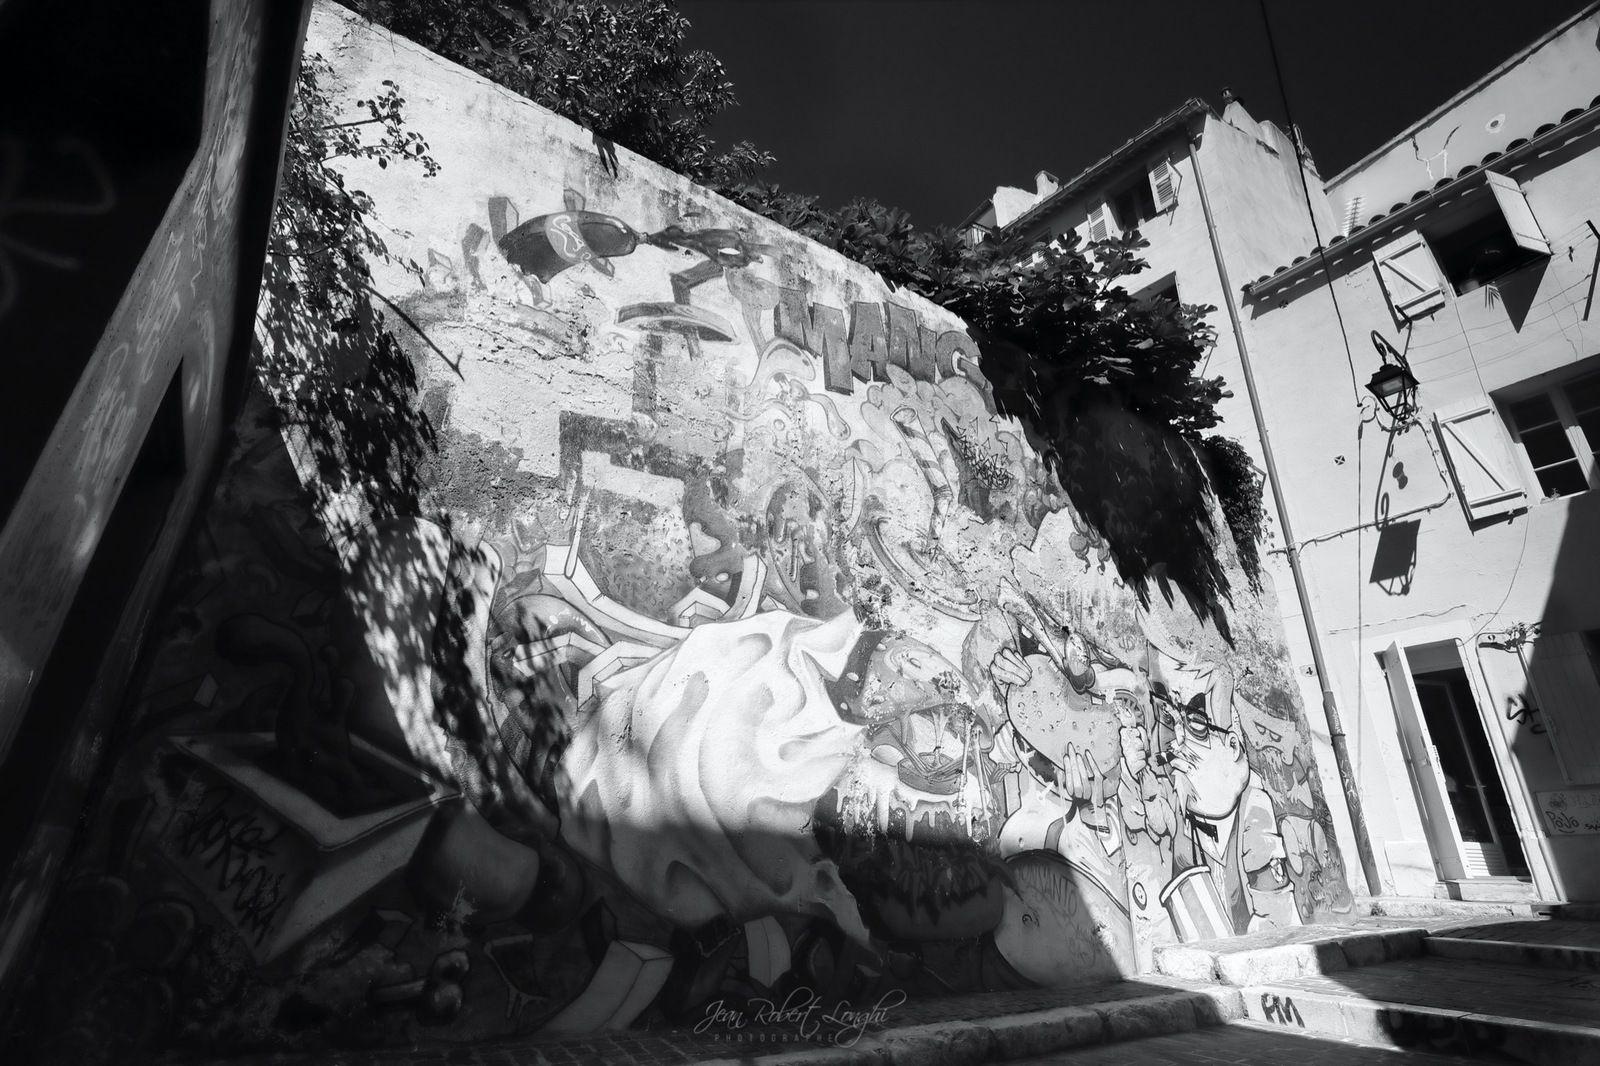 Mac.., KF... société de la mal bouffe, du capitalisme et de l'aliénation - Rue du Bouleau, pas très loin de la Vieille Charité. - Lumière du Sud - Quartier du Panier - 8  ©2020 Jean-Robert Longhi Photographie non libre de droits.